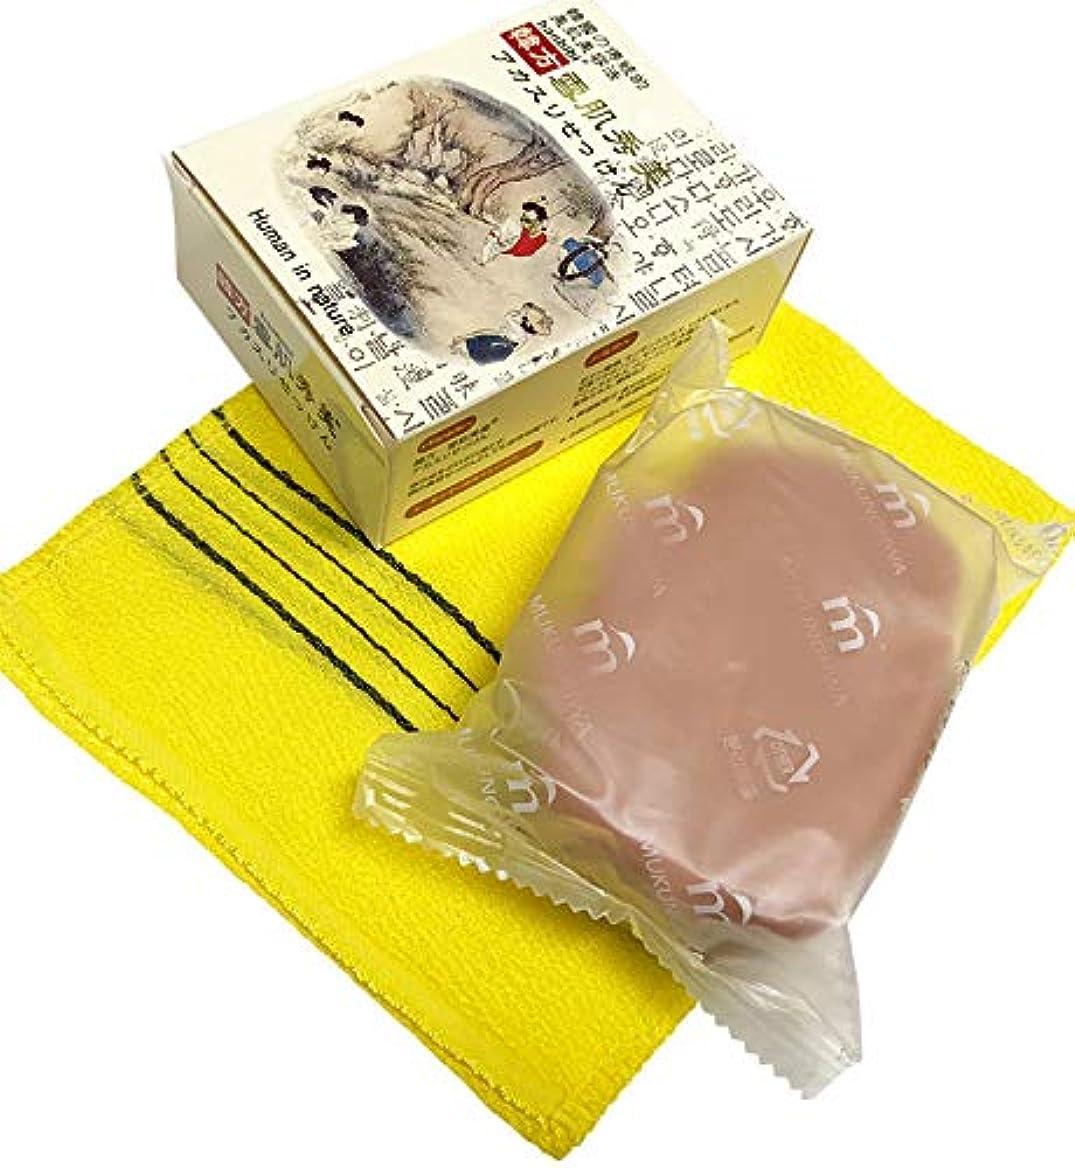 追い出すウナギテナント顔、体兼用、蜂蜜香りの韓方石ケン、韓国コスメ 韓方[]蜂蜜アカスリせっけん アカスリ専用タオル付き